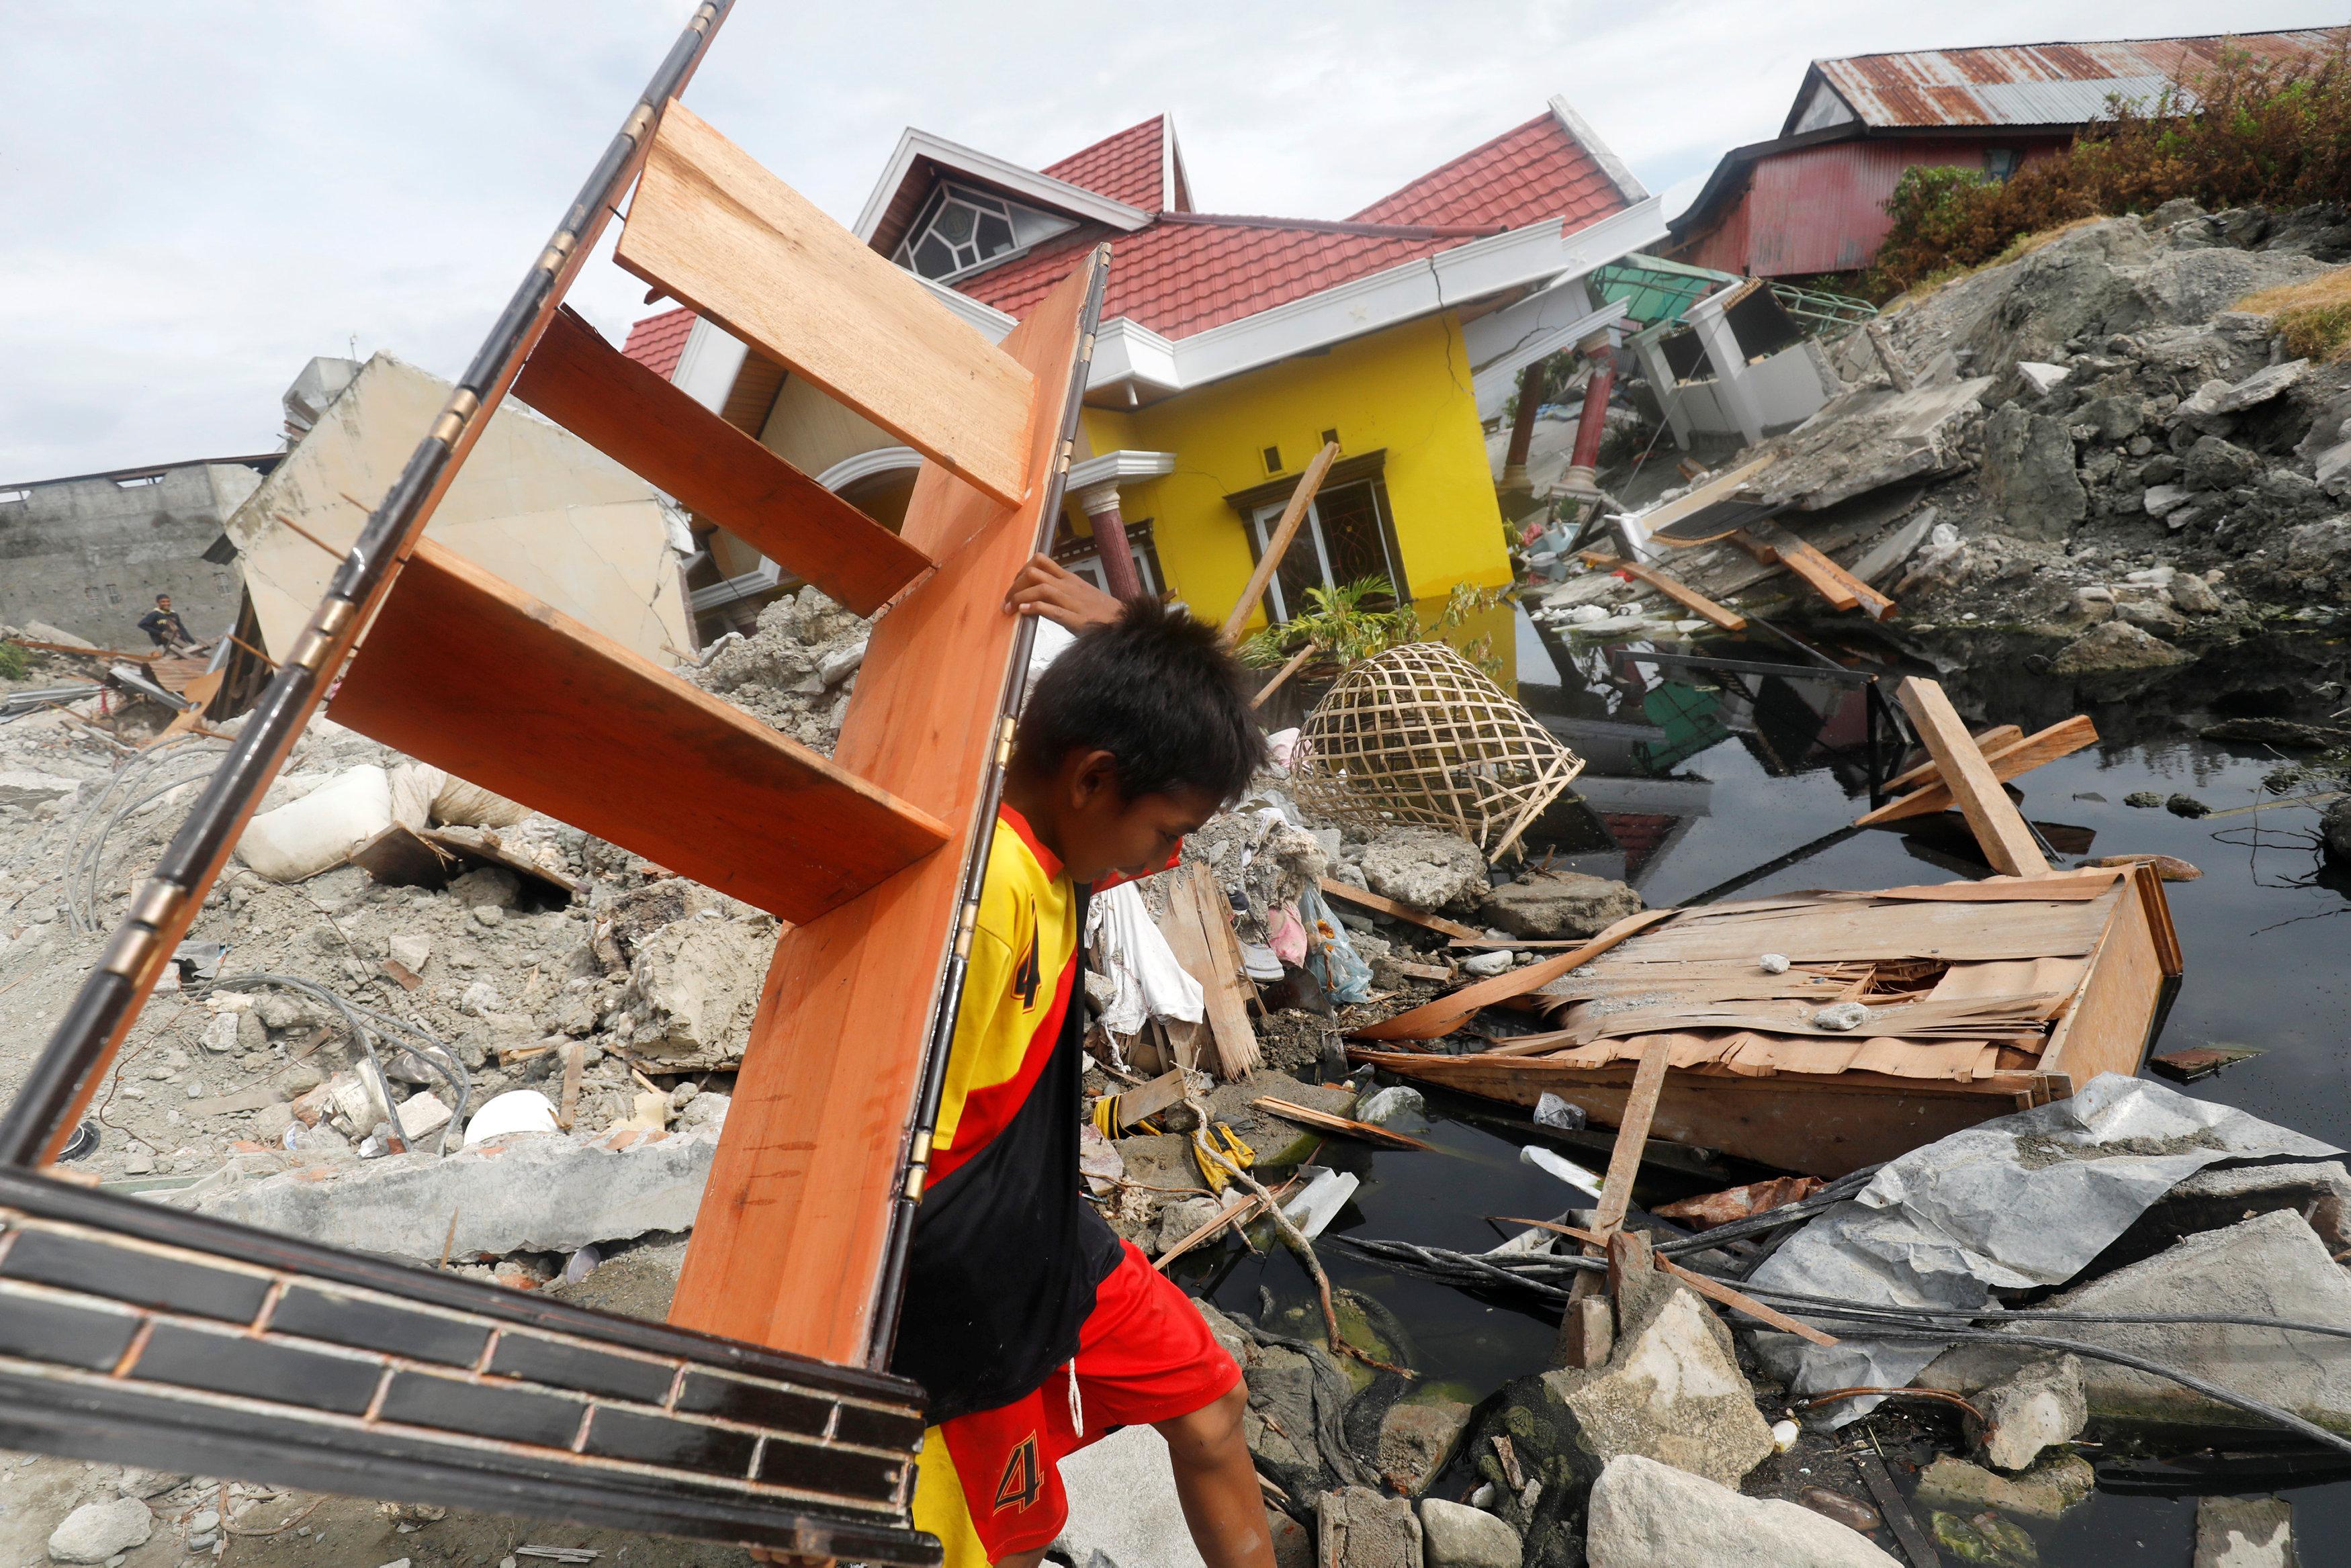 طفل إندونيسى يحمل جزء من مكتبه بعد فقدان جميع أجزاء منزله فى الزلزال